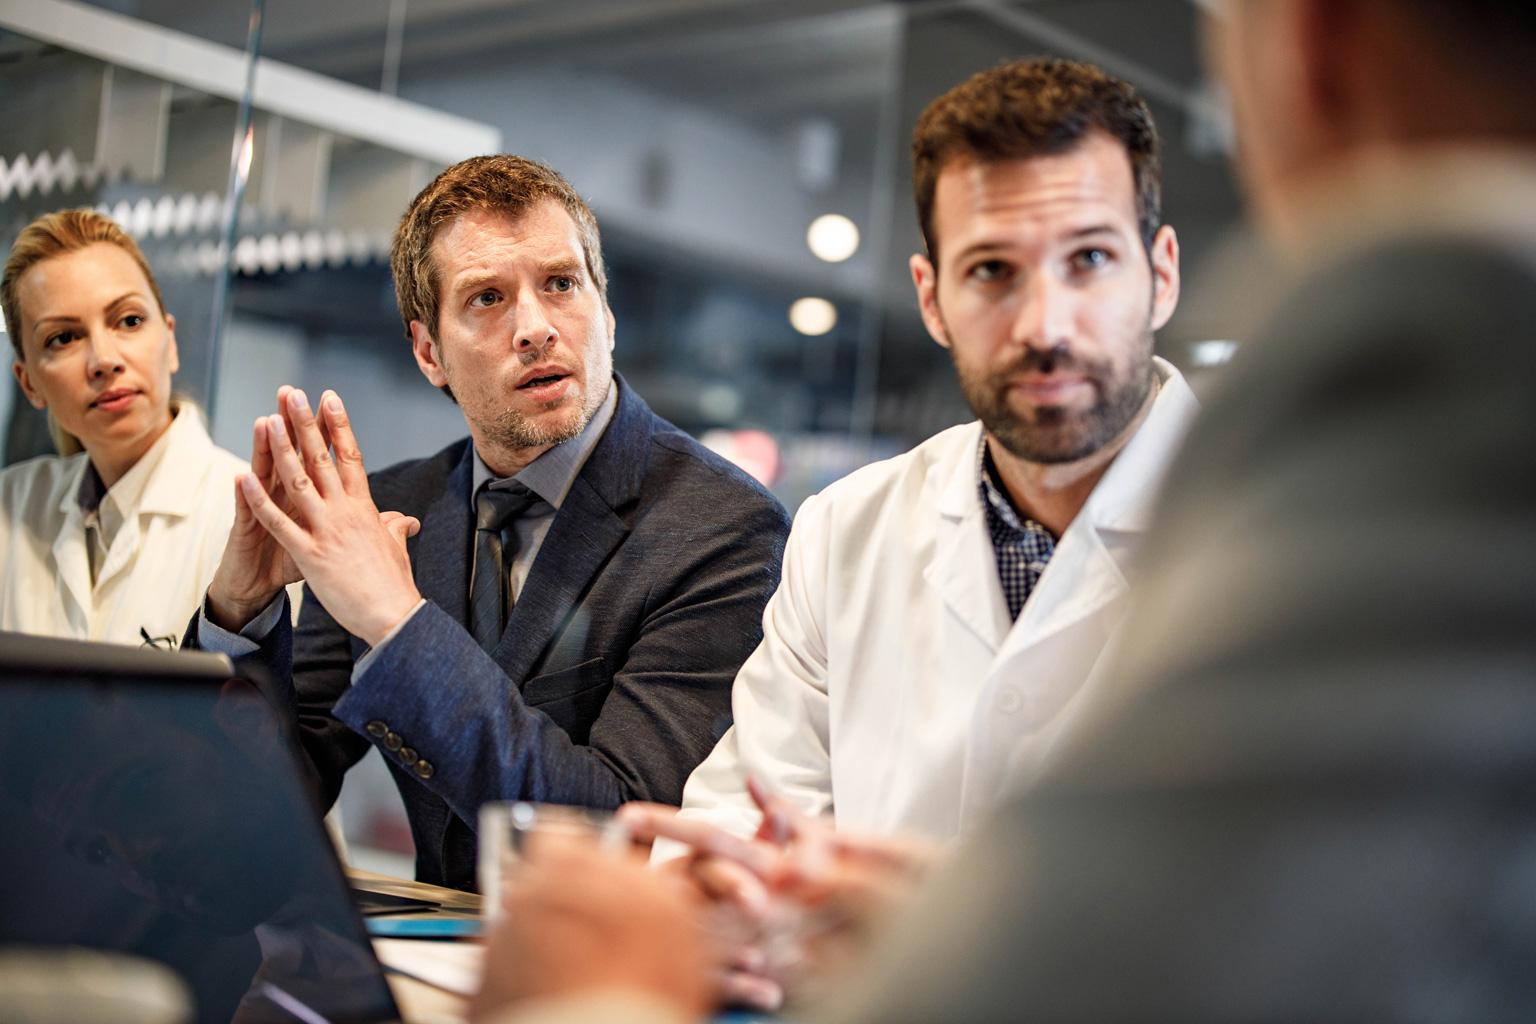 Grupa lekarzy i managerów dyskutuje w szpitalu na temat wdrożenia Progmedica